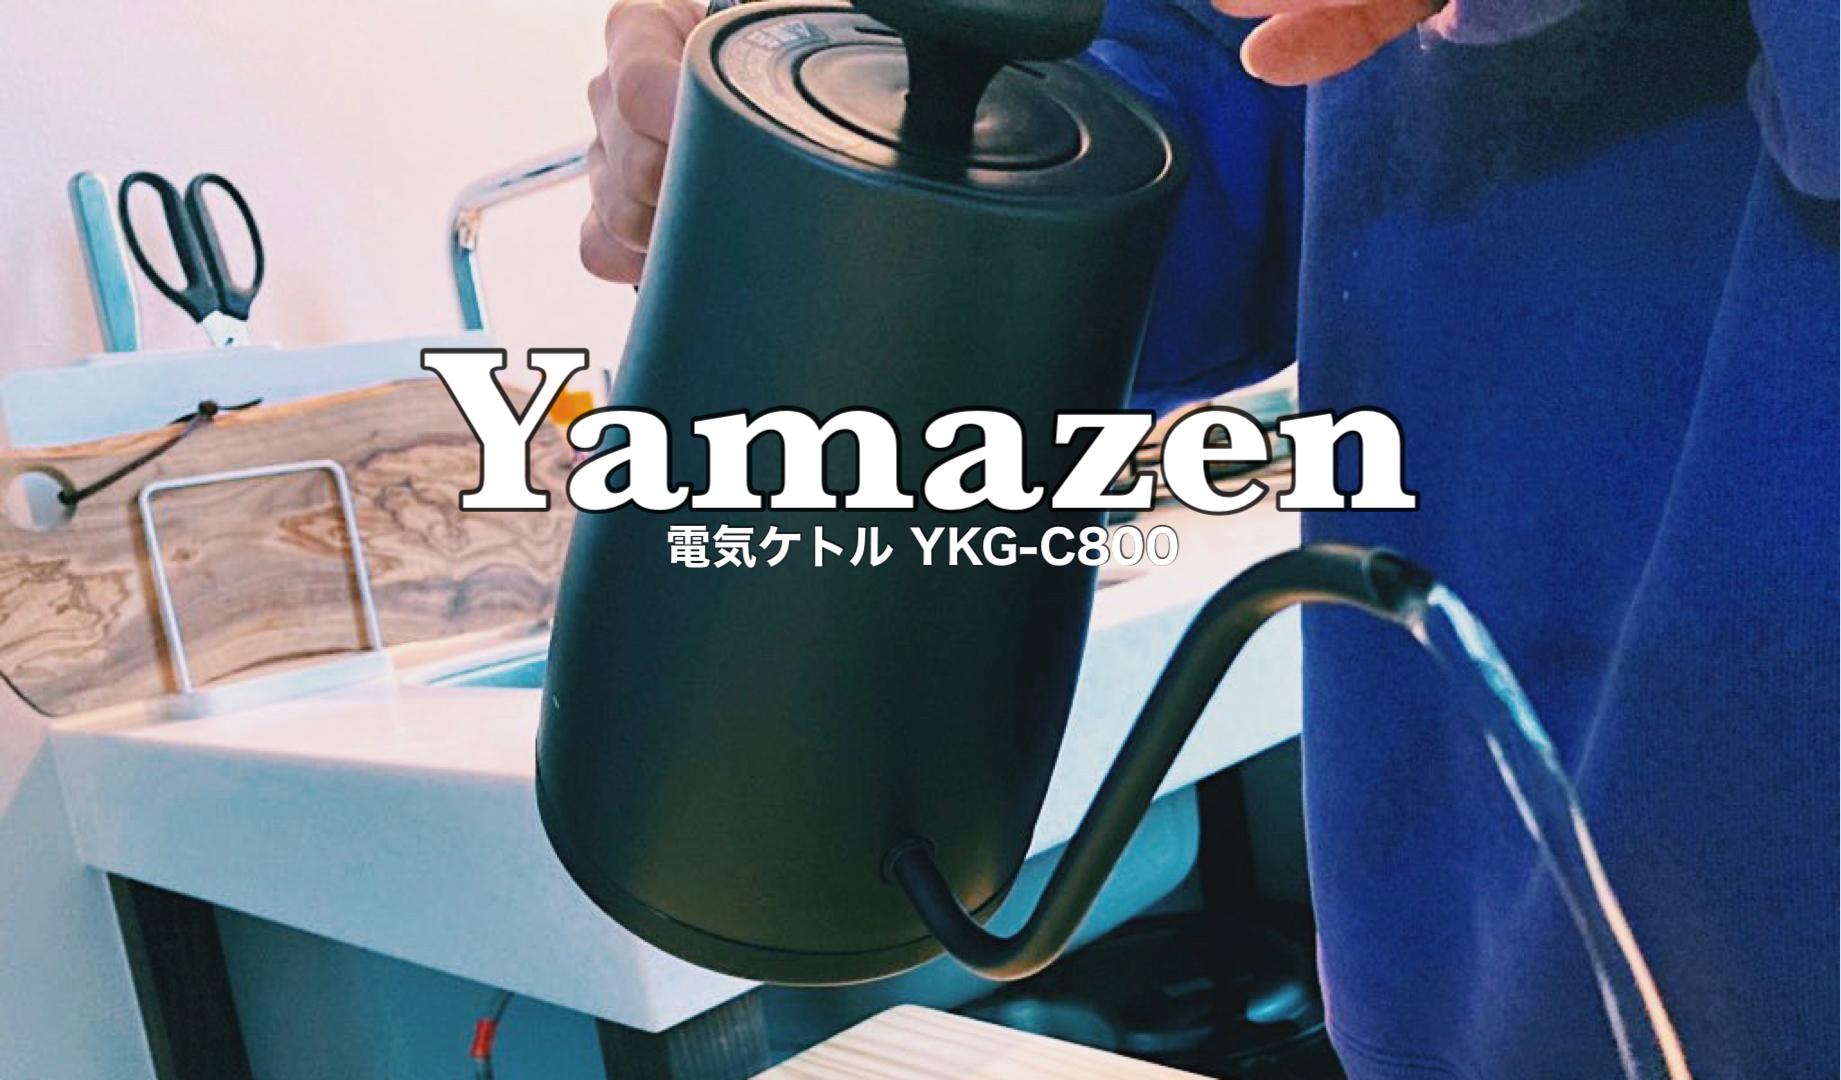 「【本音】山善電気ケトルYKG-C800の評判とレビュー、機能や使い方も」のアイキャッチ画像